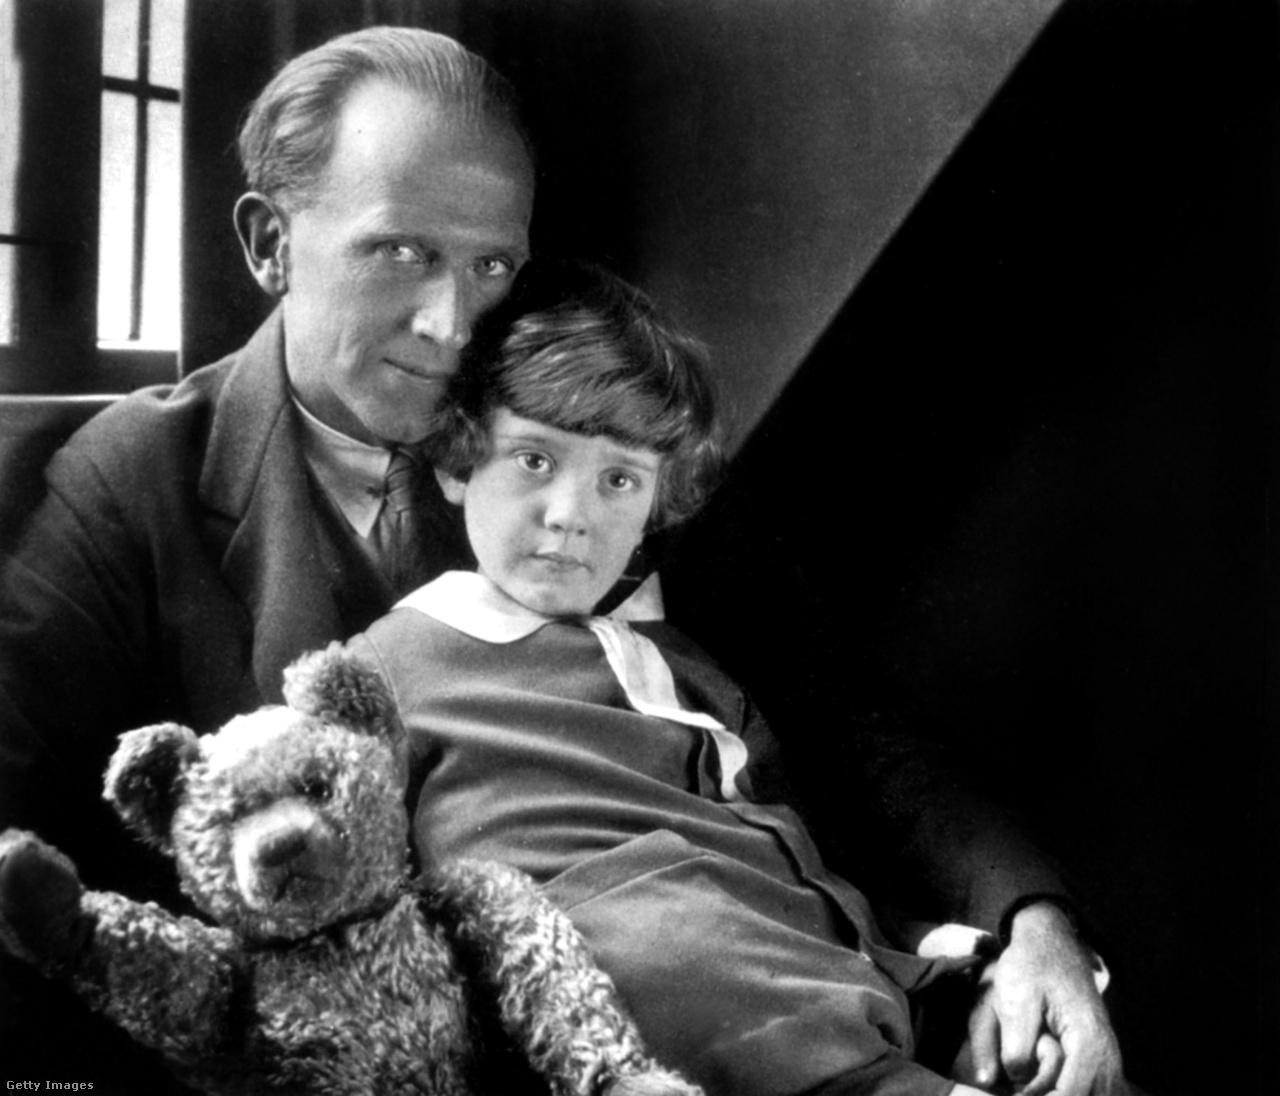 """Christopher Robin Milne életének első éveiben nem volt számára fontosabb személy dadusánál, Olive Brockwellrnél, akit ő Nounak hívott. Szinte minden percet együtt töltöttek, csak akkor kellett nélkülözniük egymás társaságát, amikor a Nou minden év szeptemberében két hétre elutazott. Persze a maguk módján szülei is jelen voltak az életében.""""Mindig is rendkívüli érdeklődést mutatott a fia iránt, annak ellenére, hogy a fiút főleg a dajka gondozta"""" - írta A.A. Milne 1990-as életrajzának szerzője, Ann Thwaite. Nou egészen addig felügyelt rá, amíg Christopher Robin 1930-ban nem kezdte el tanulmányait a Boxgrove School bentlakásos iskolában. """"Itt kezdődött az se veled, se nélküled kapcsolatom a hírnévvel, ami a mai napig tart"""